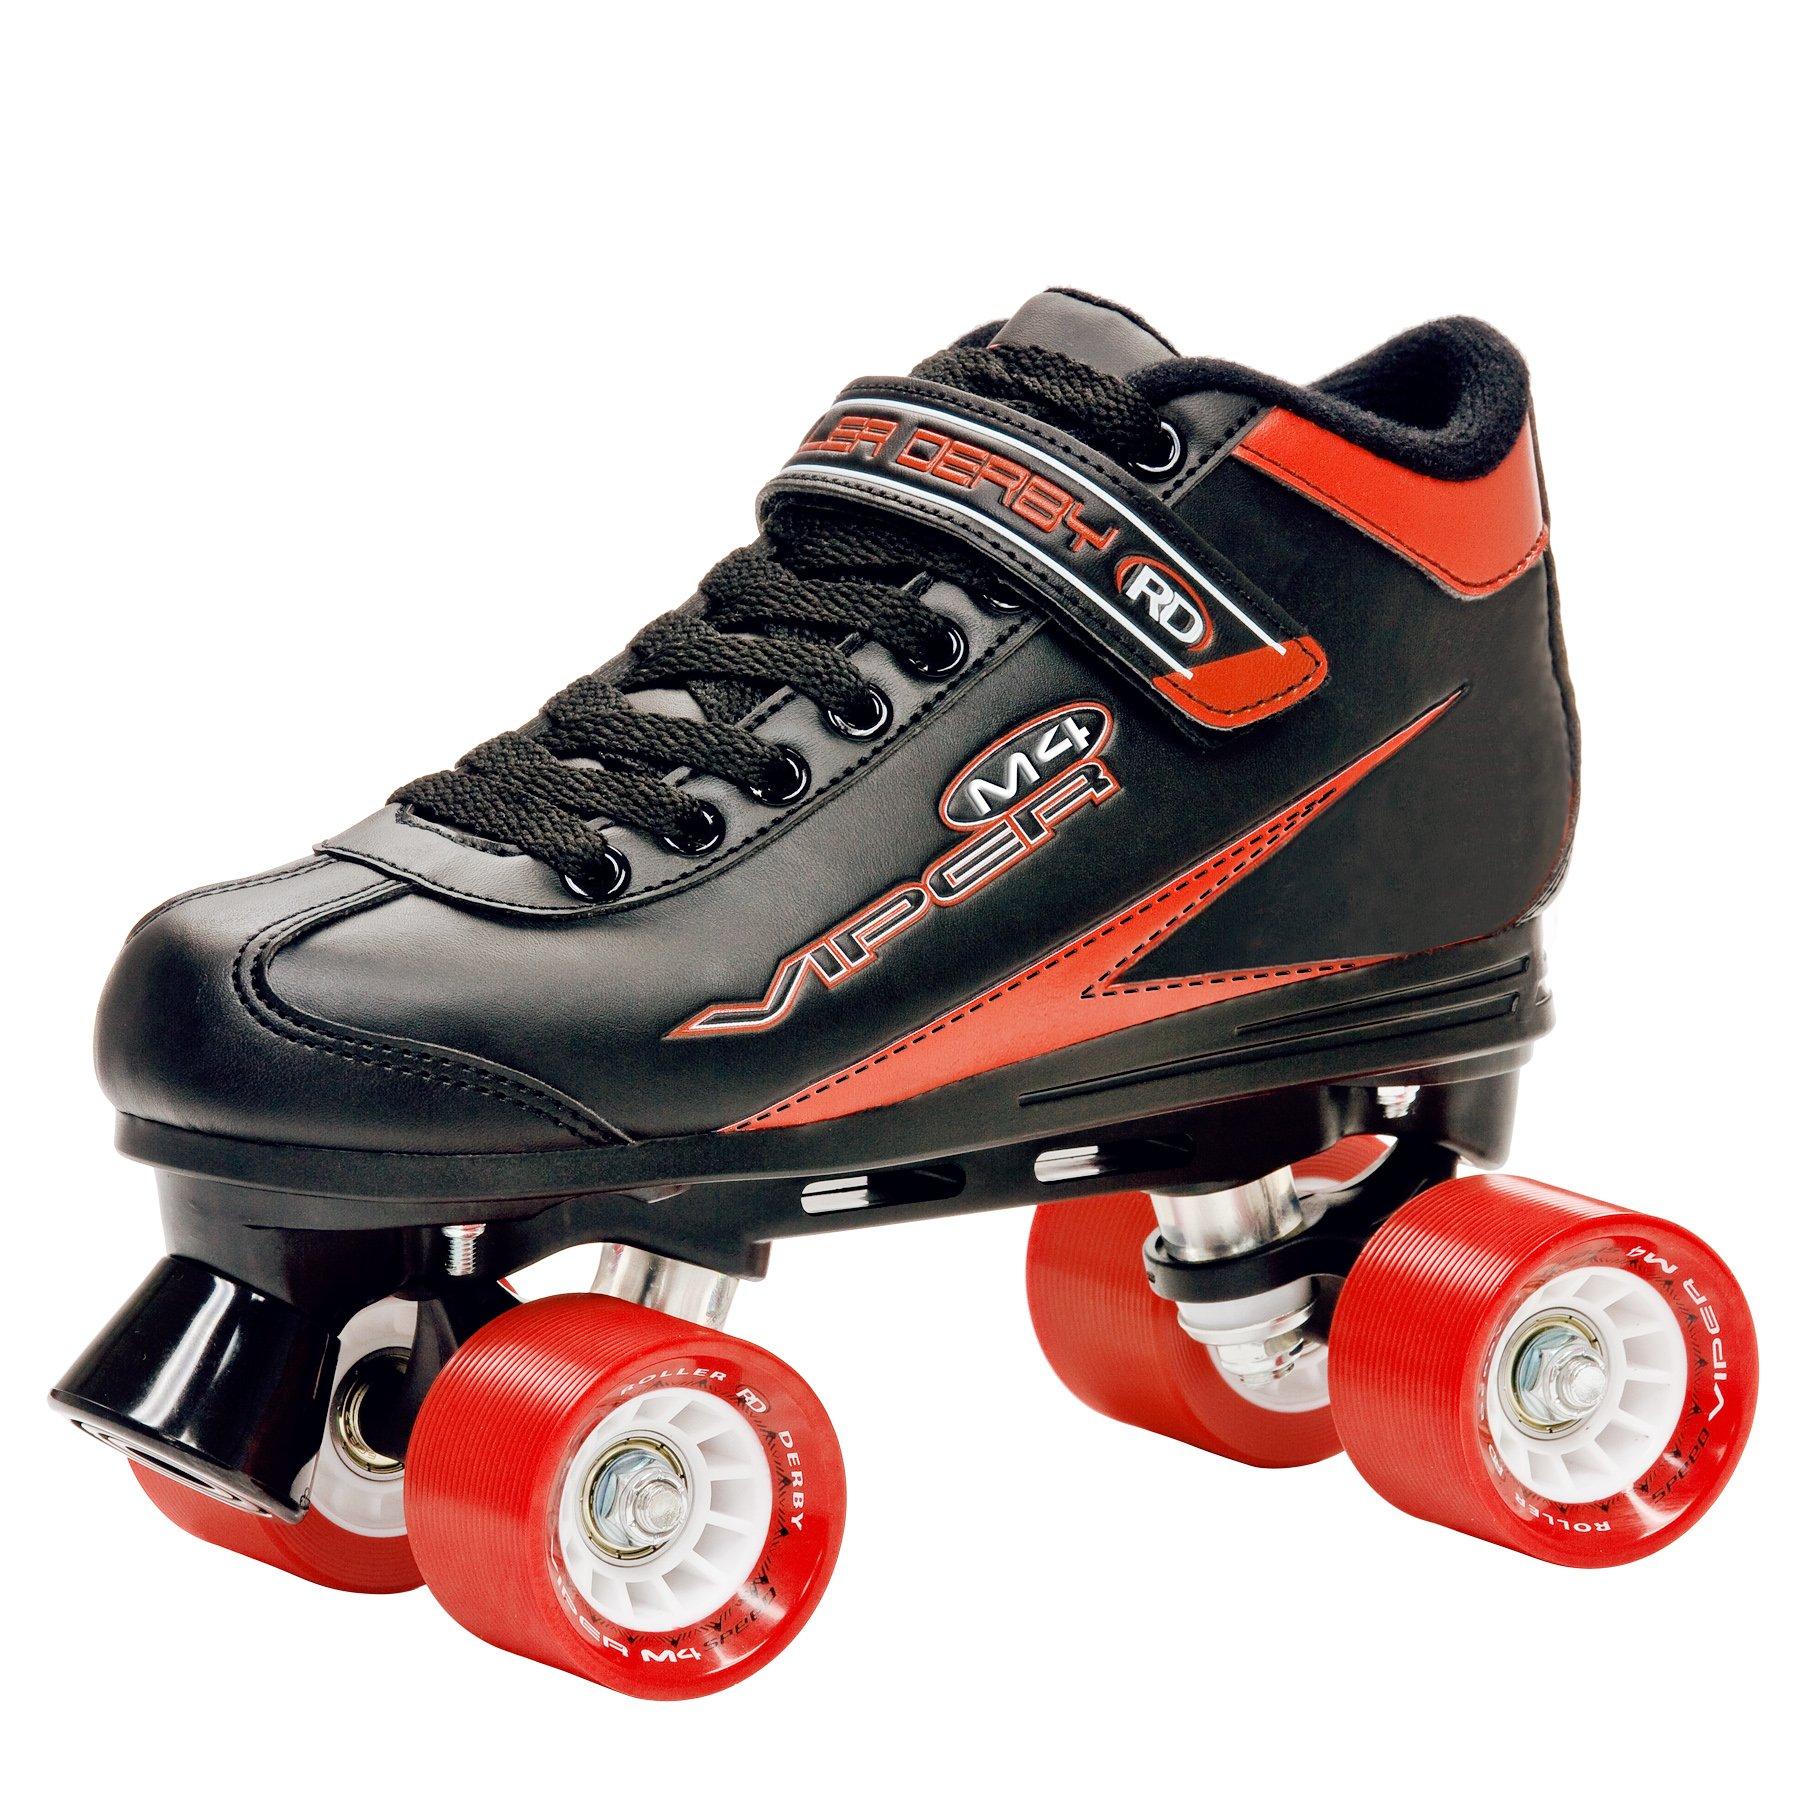 Roller Derby Men's Viper M4 Speed Quad Skate, Size 08